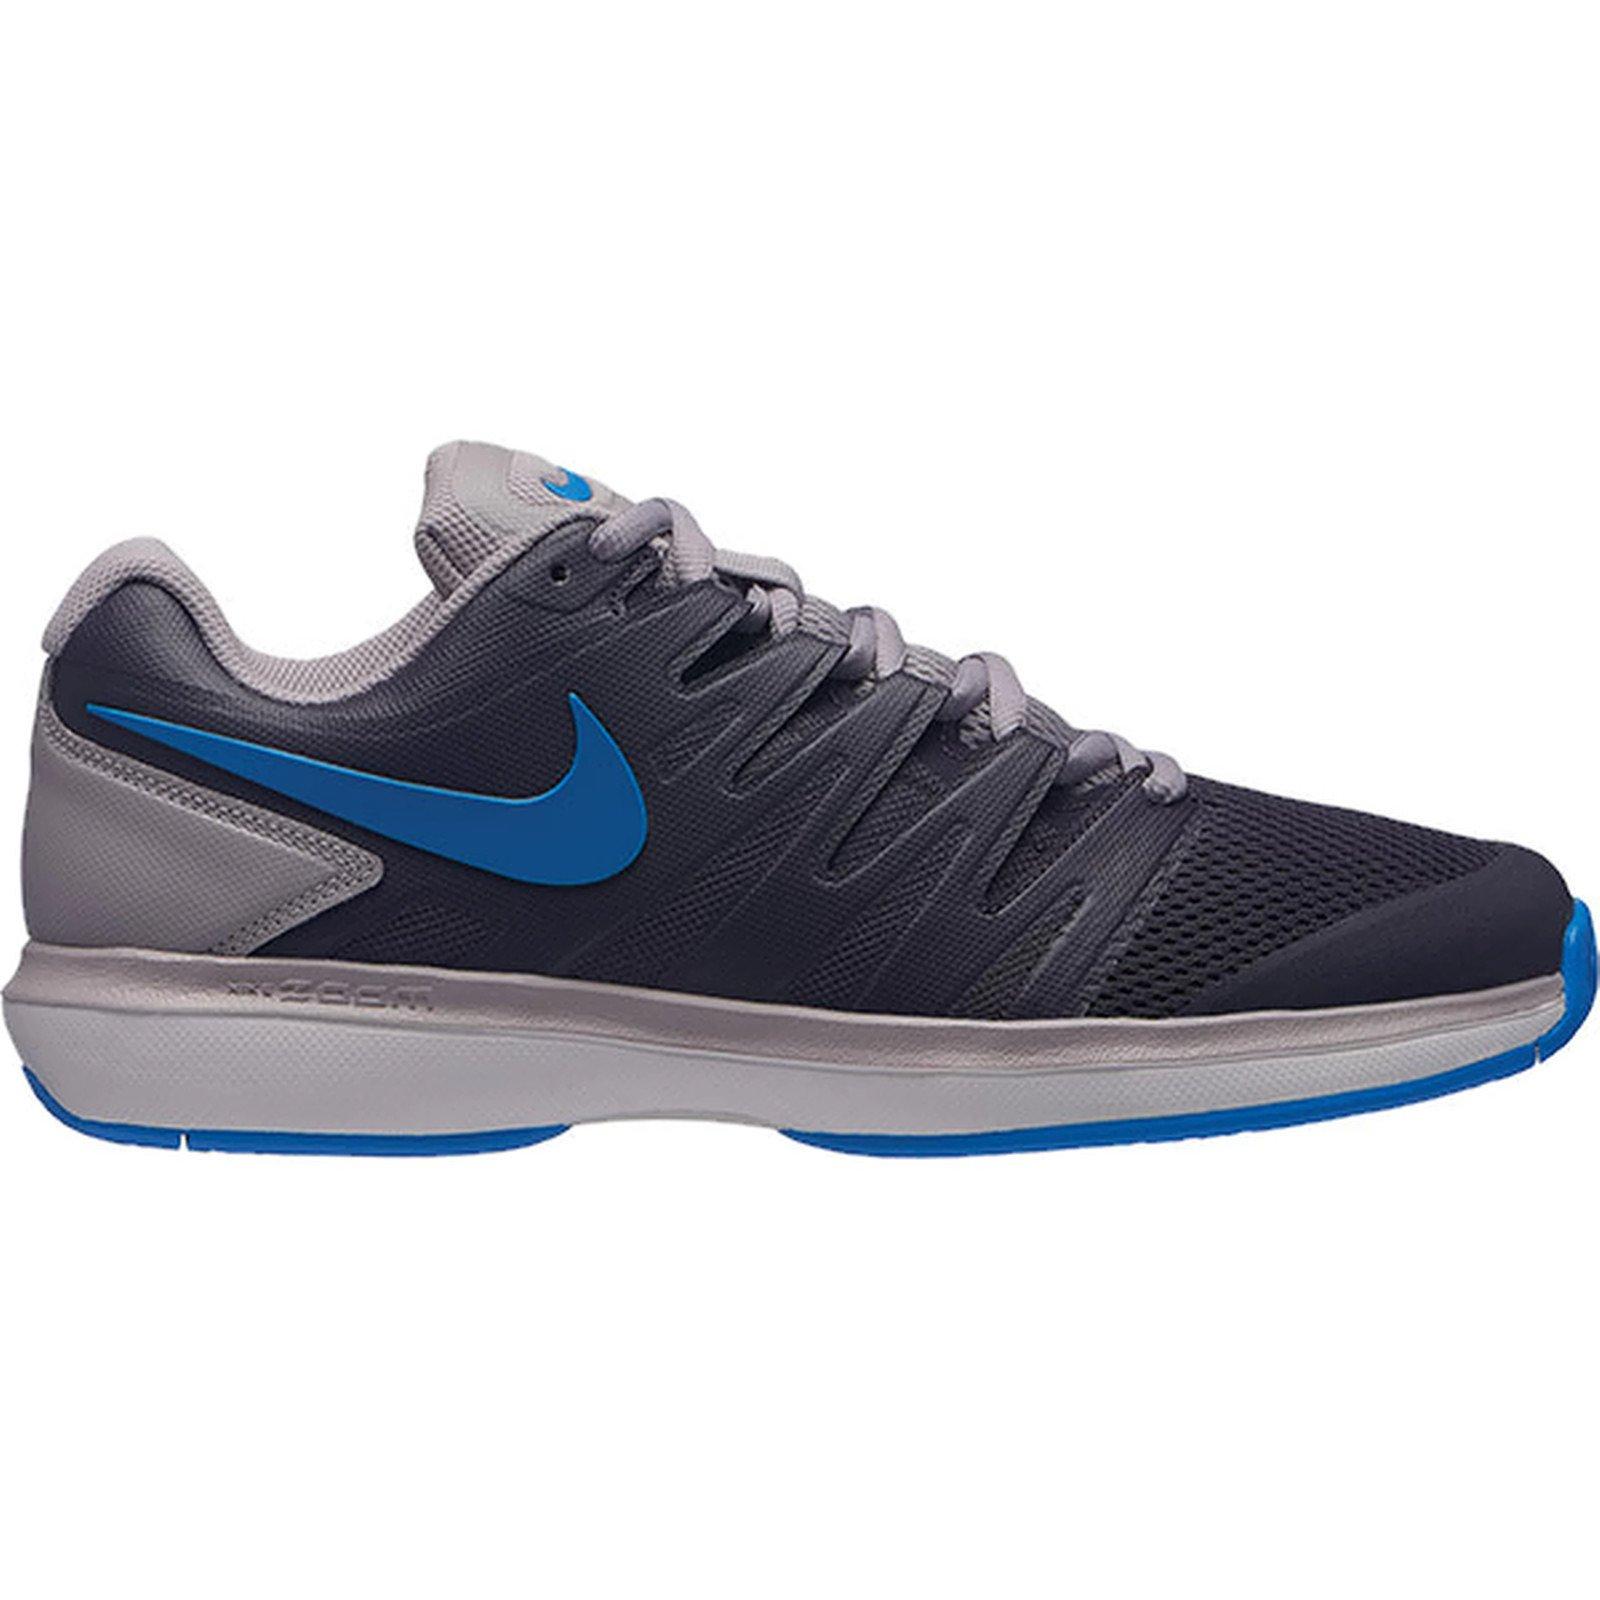 on sale a44e8 3df0d Galleon - Nike Men s Air Zoom Prestige Tennis Shoes (14 D US, Gridiron Photo  Blue Atmosphere Grey)